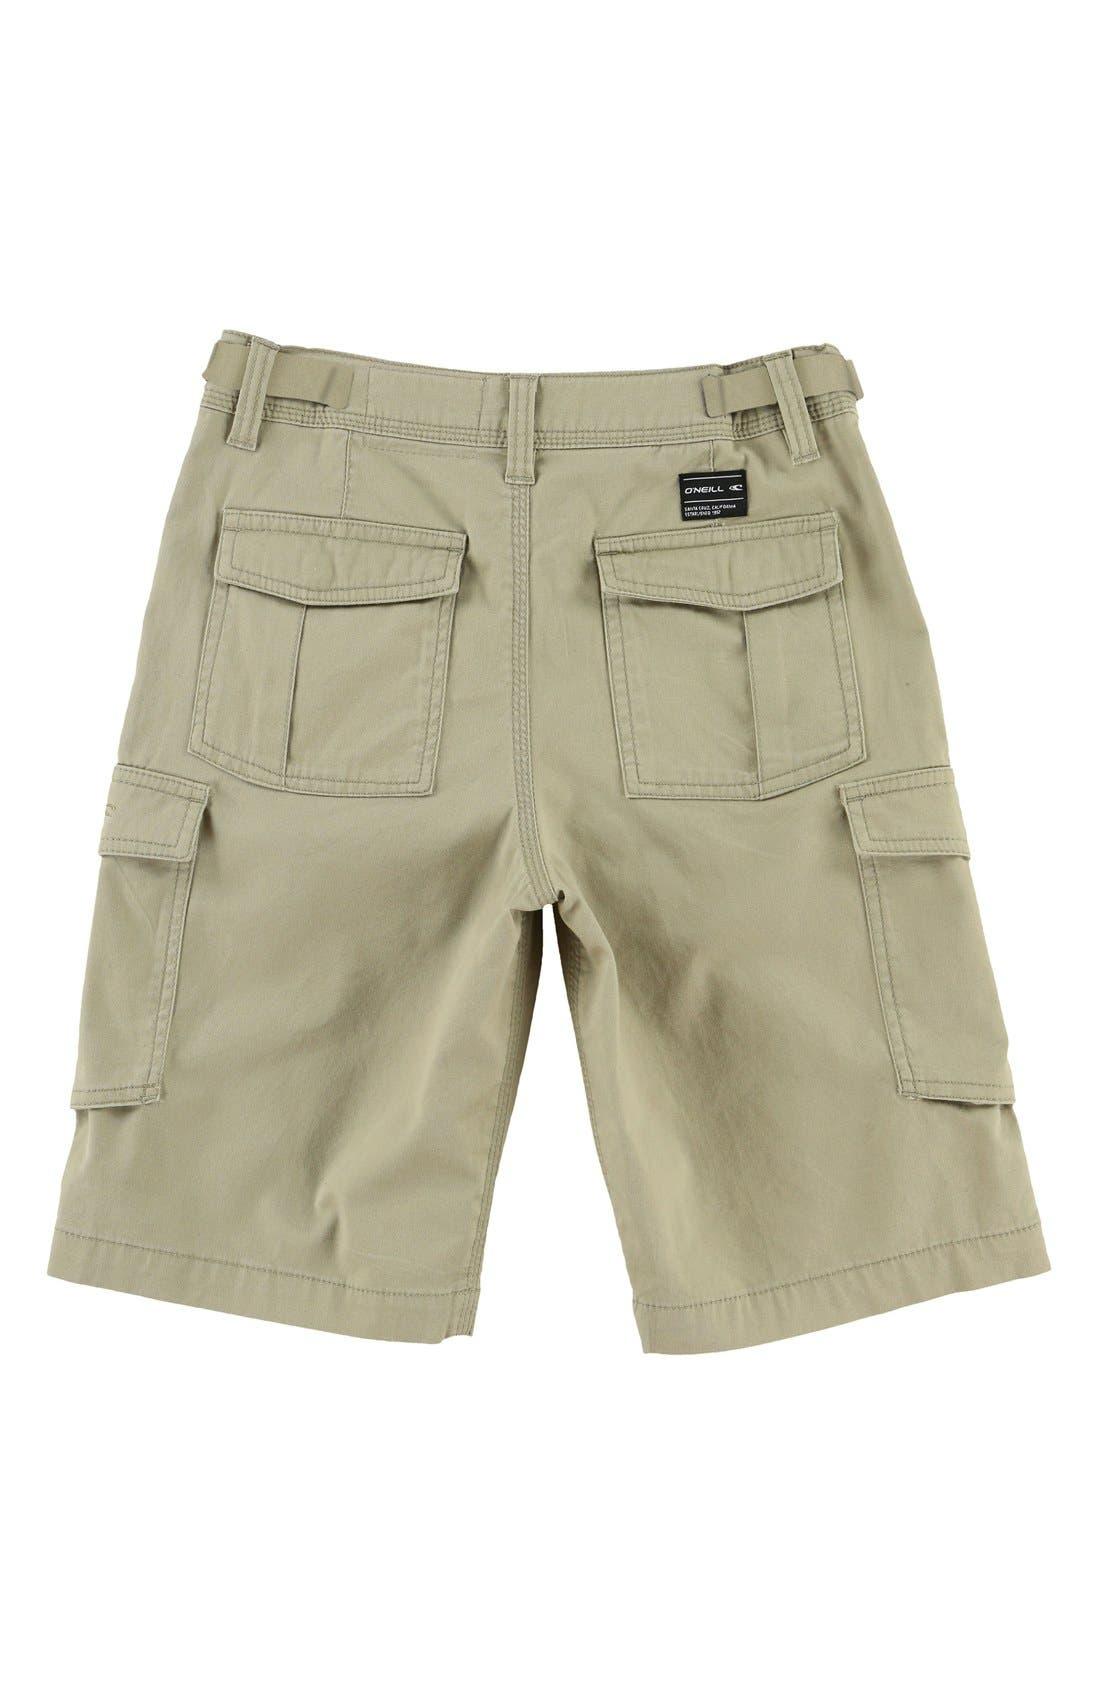 El Toro Cargo Shorts,                             Alternate thumbnail 2, color,                             Khaki